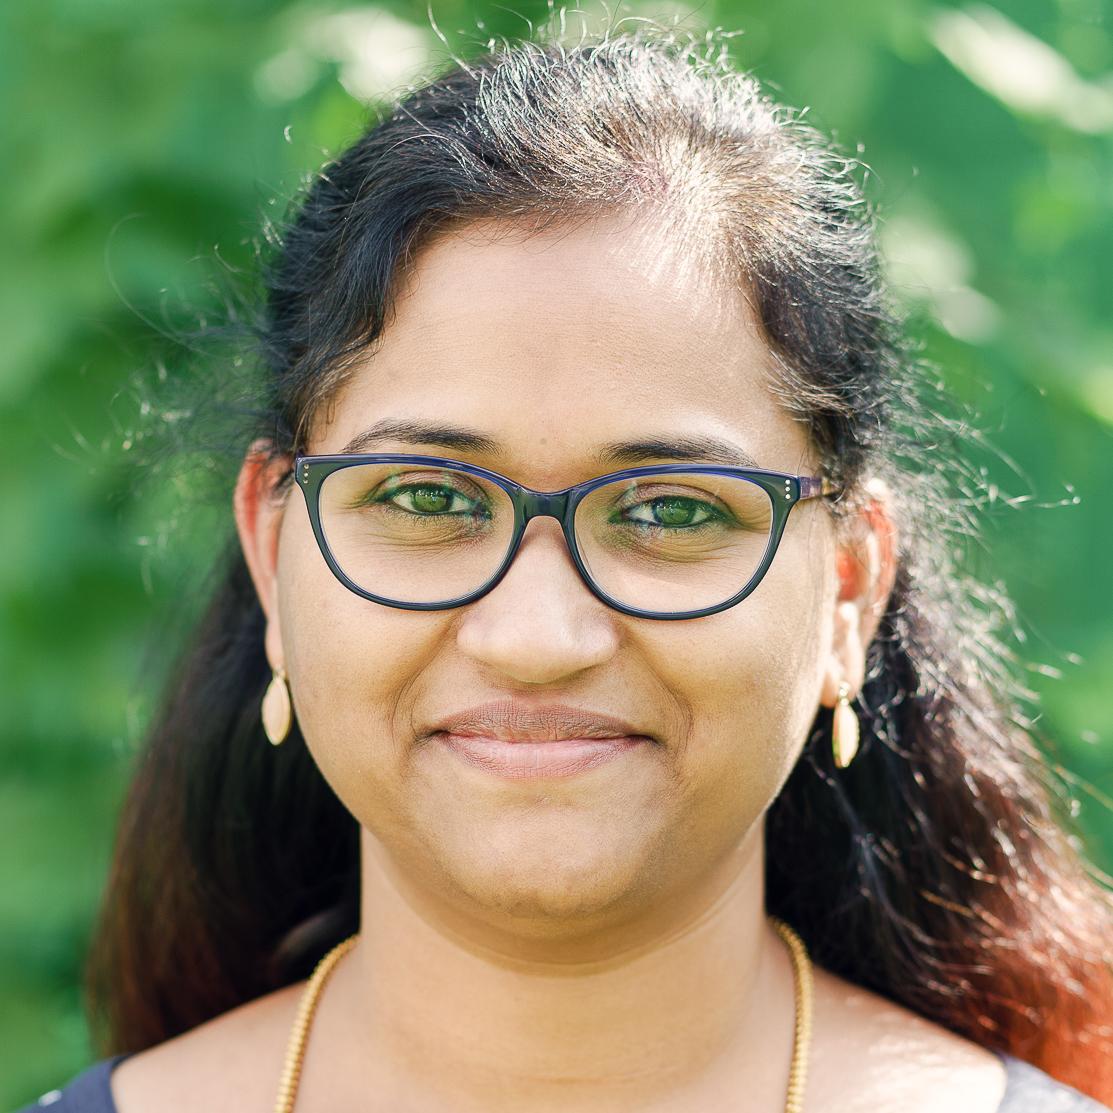 Viswa Shanthi Gadepalli